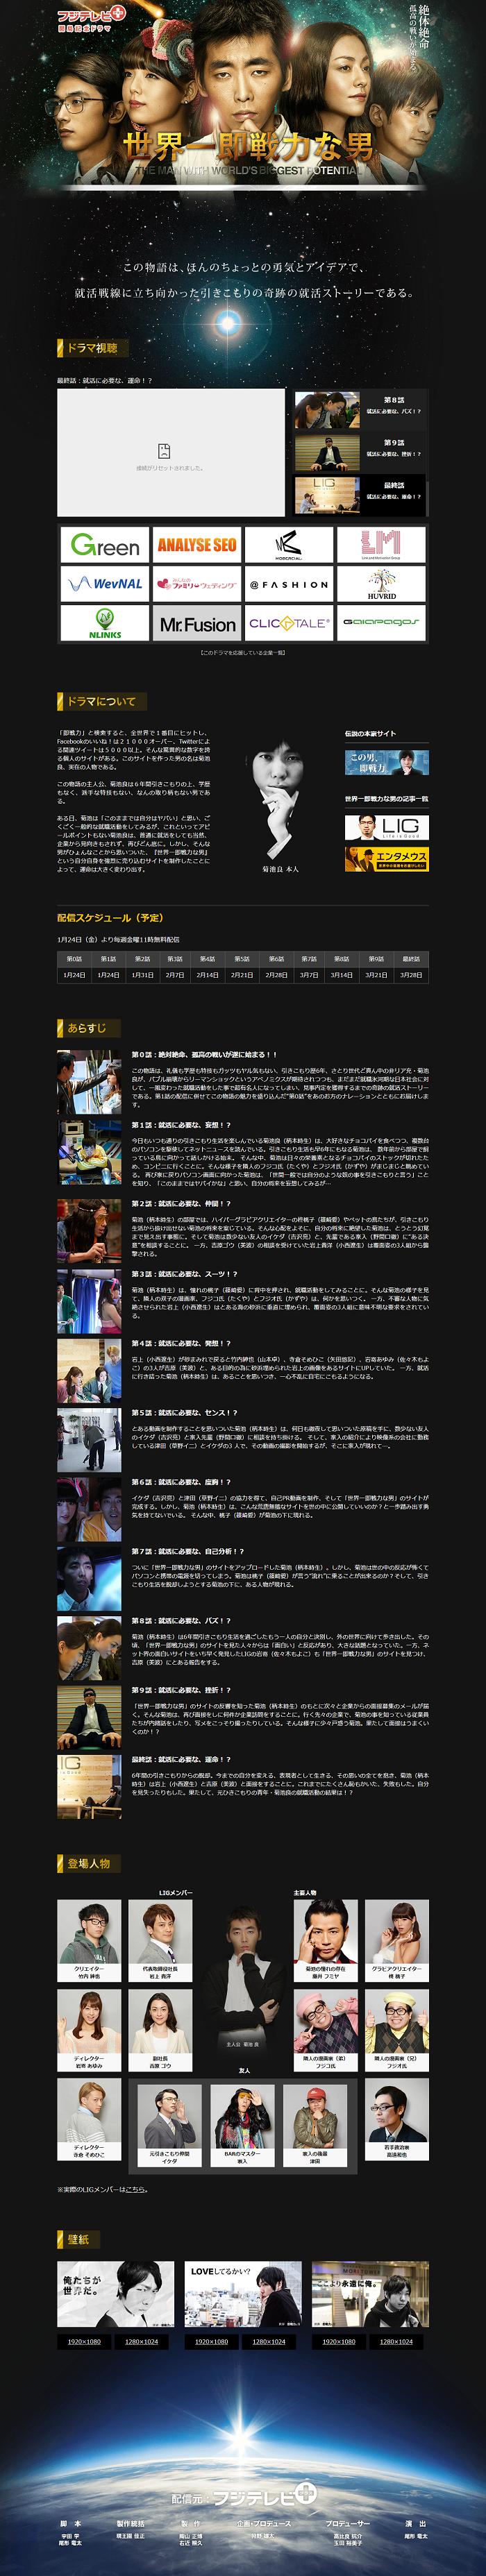 無料WEBドラマ『世界一即戦力な男』| 株式会社LIG